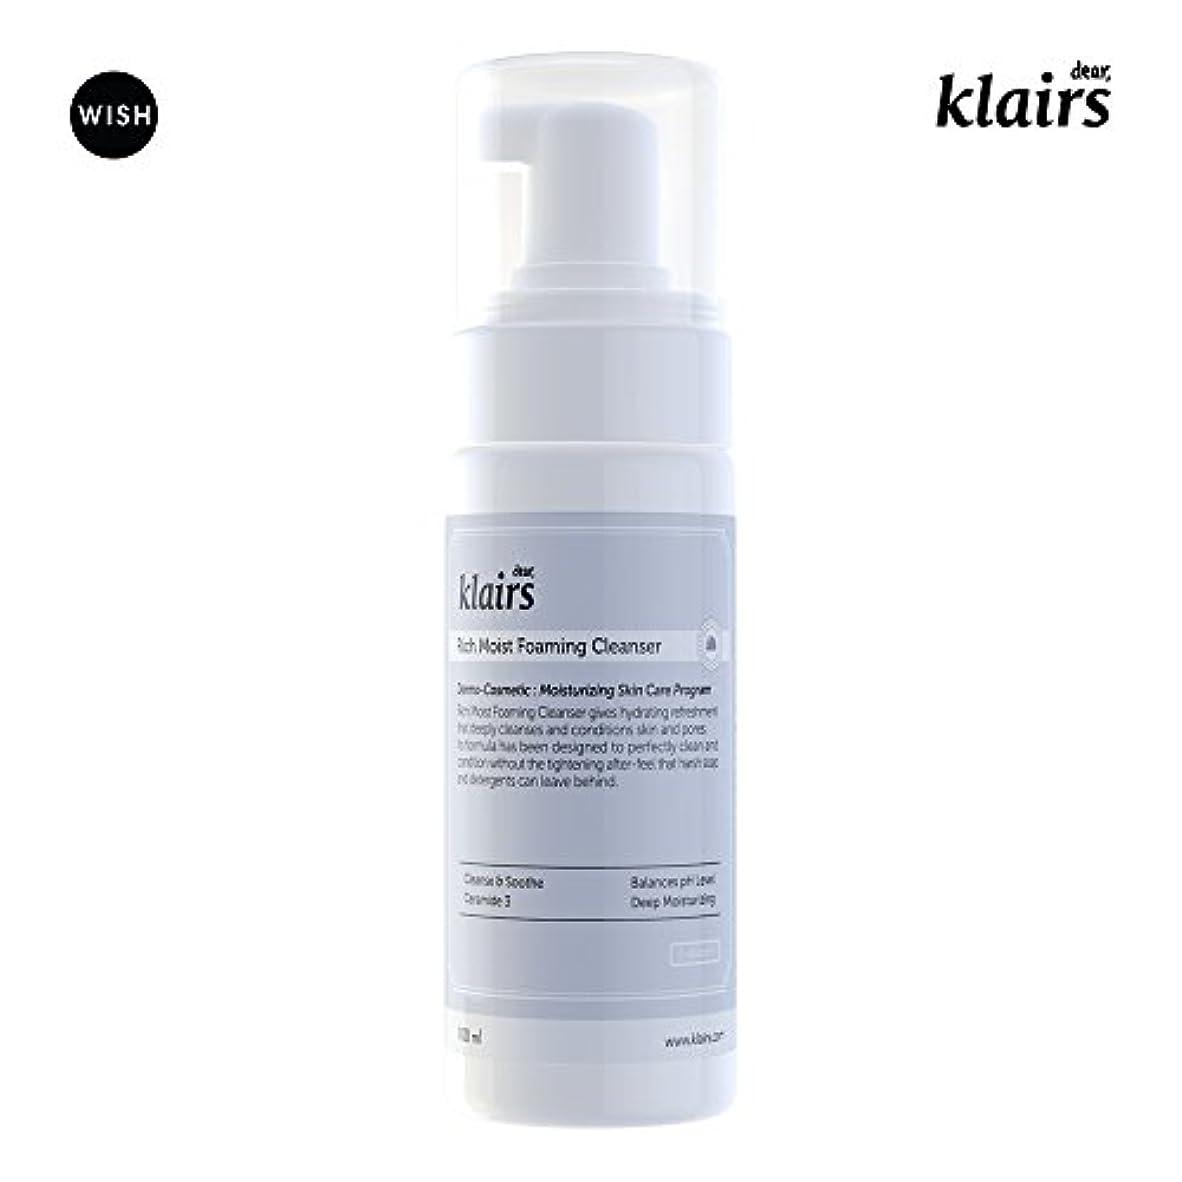 描写割り当て増強KLAIRS(クレアズ) リッチモイストフォームクレンザー, Rich Moist Soothing Cleanser 100ml[並行輸入品]